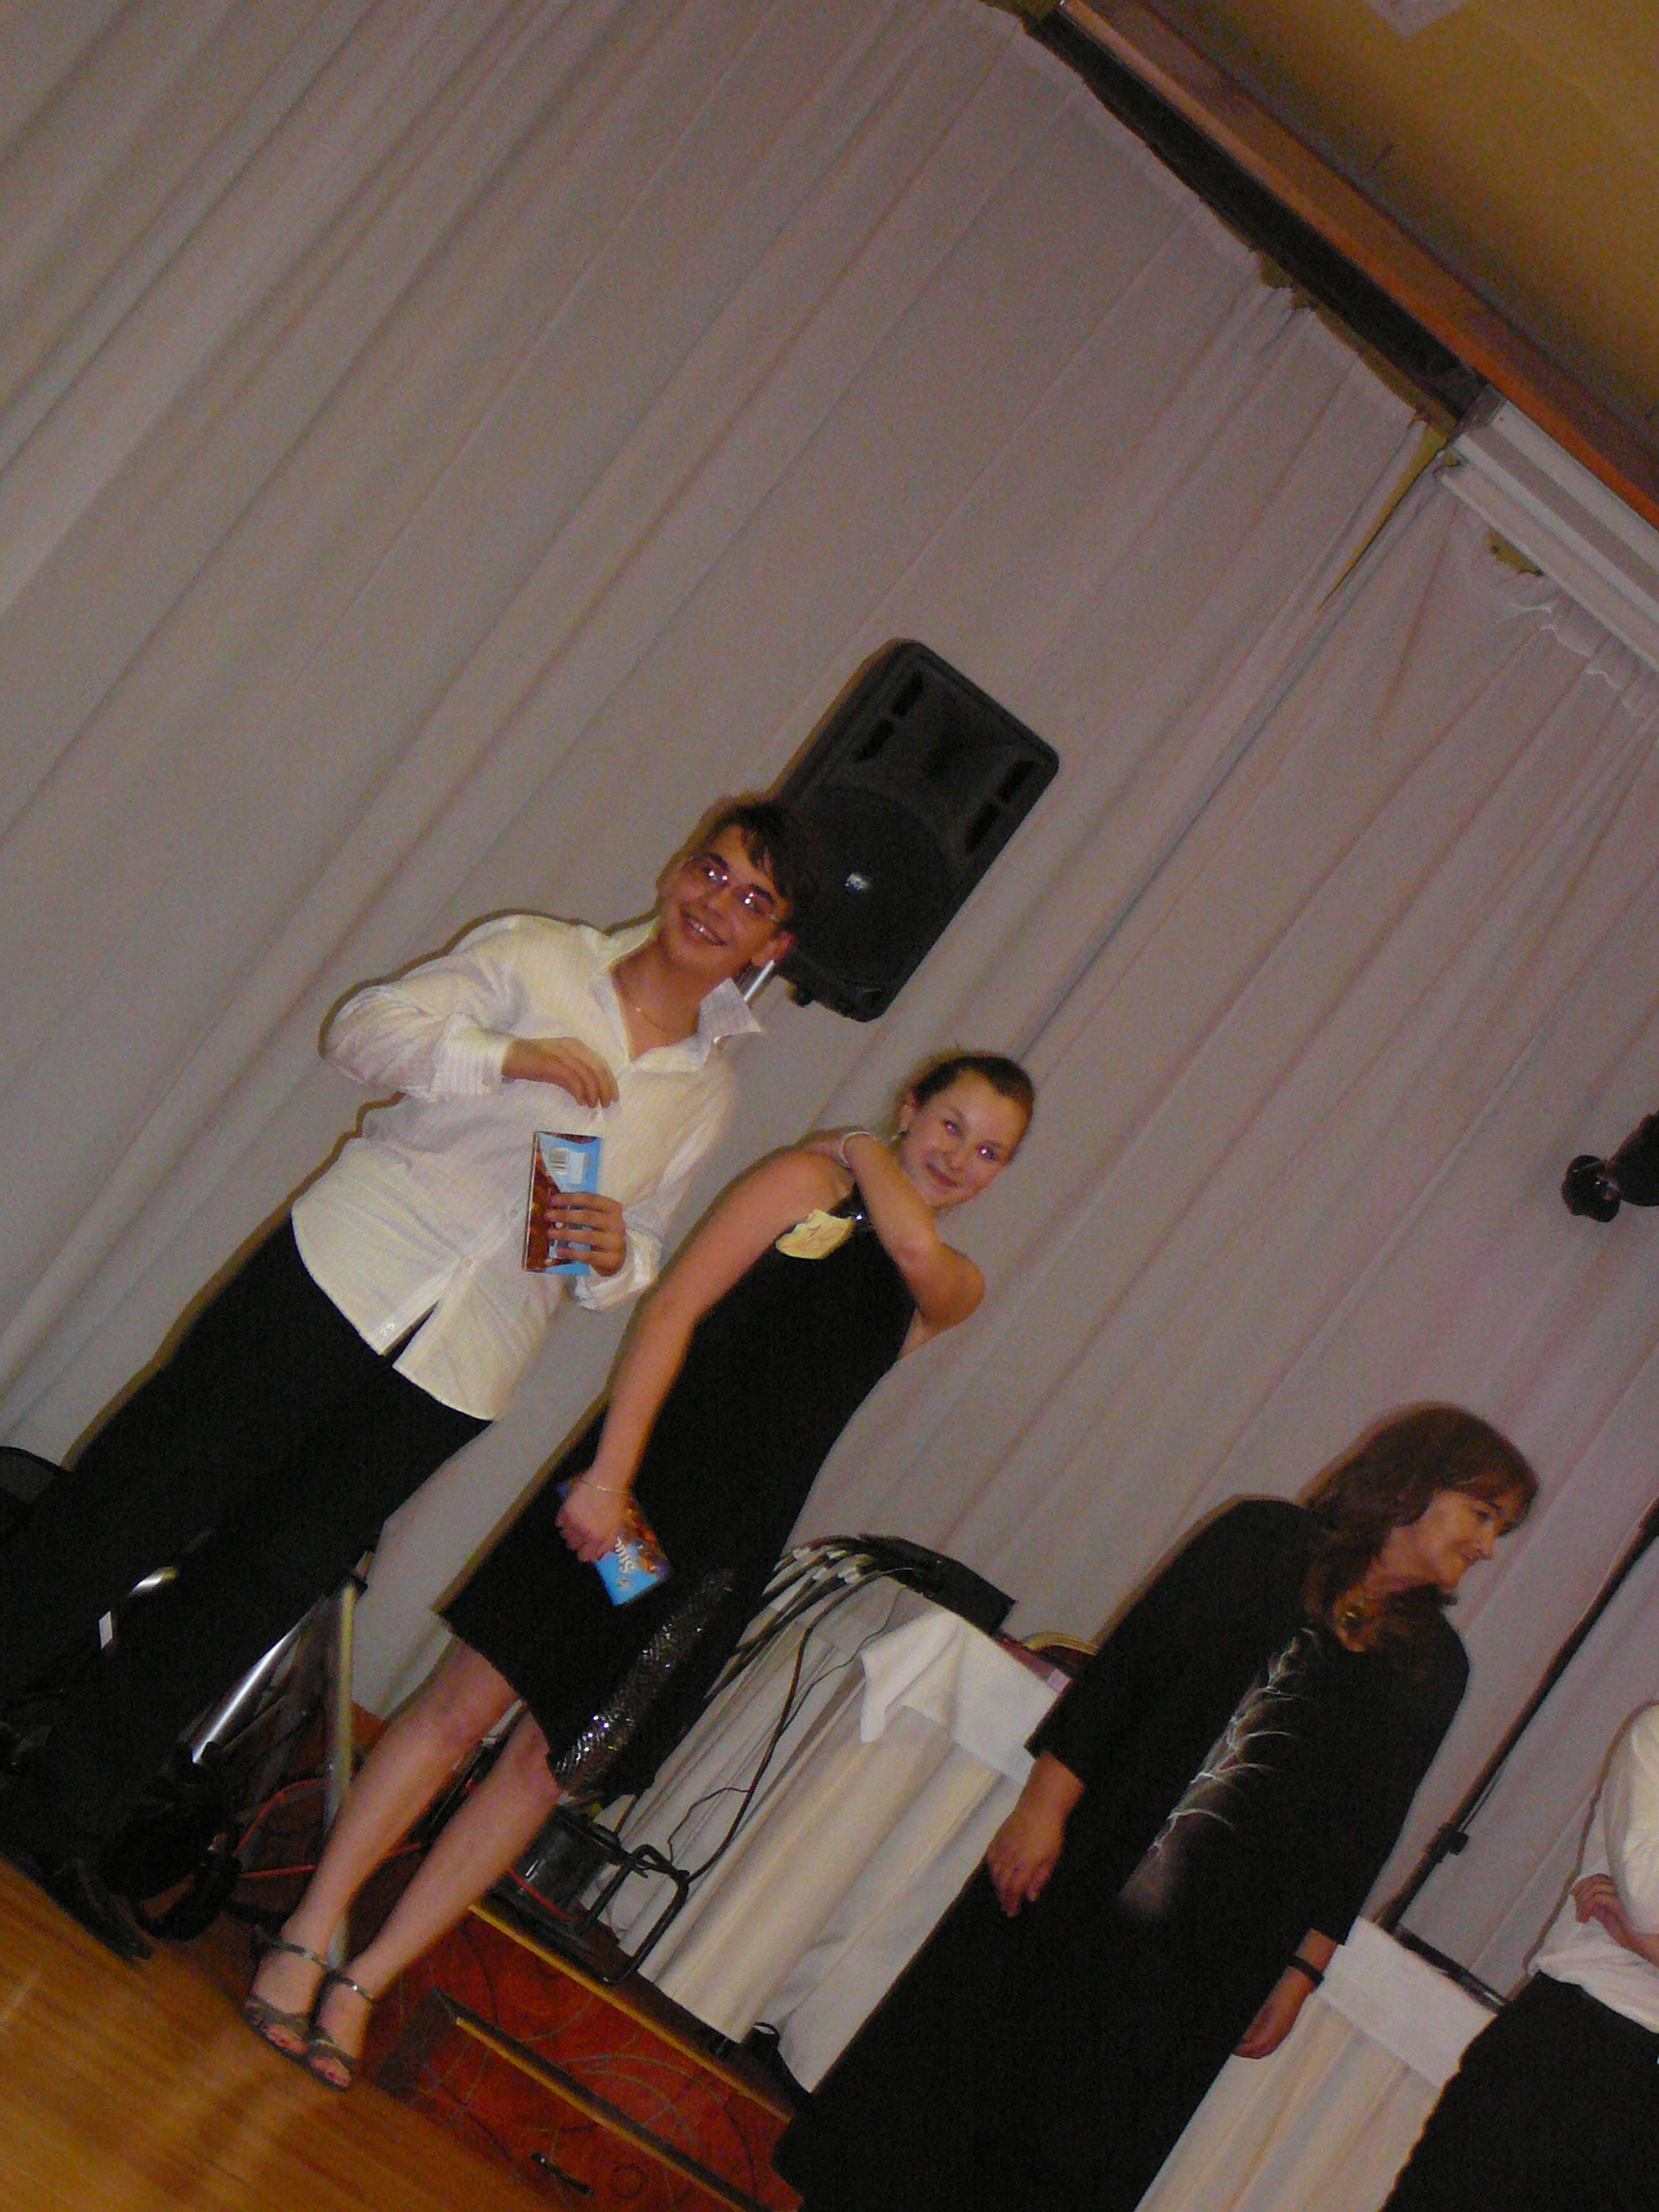 Úspešné zavŕšenie kurzu spoločenských tancov - tanečný venček